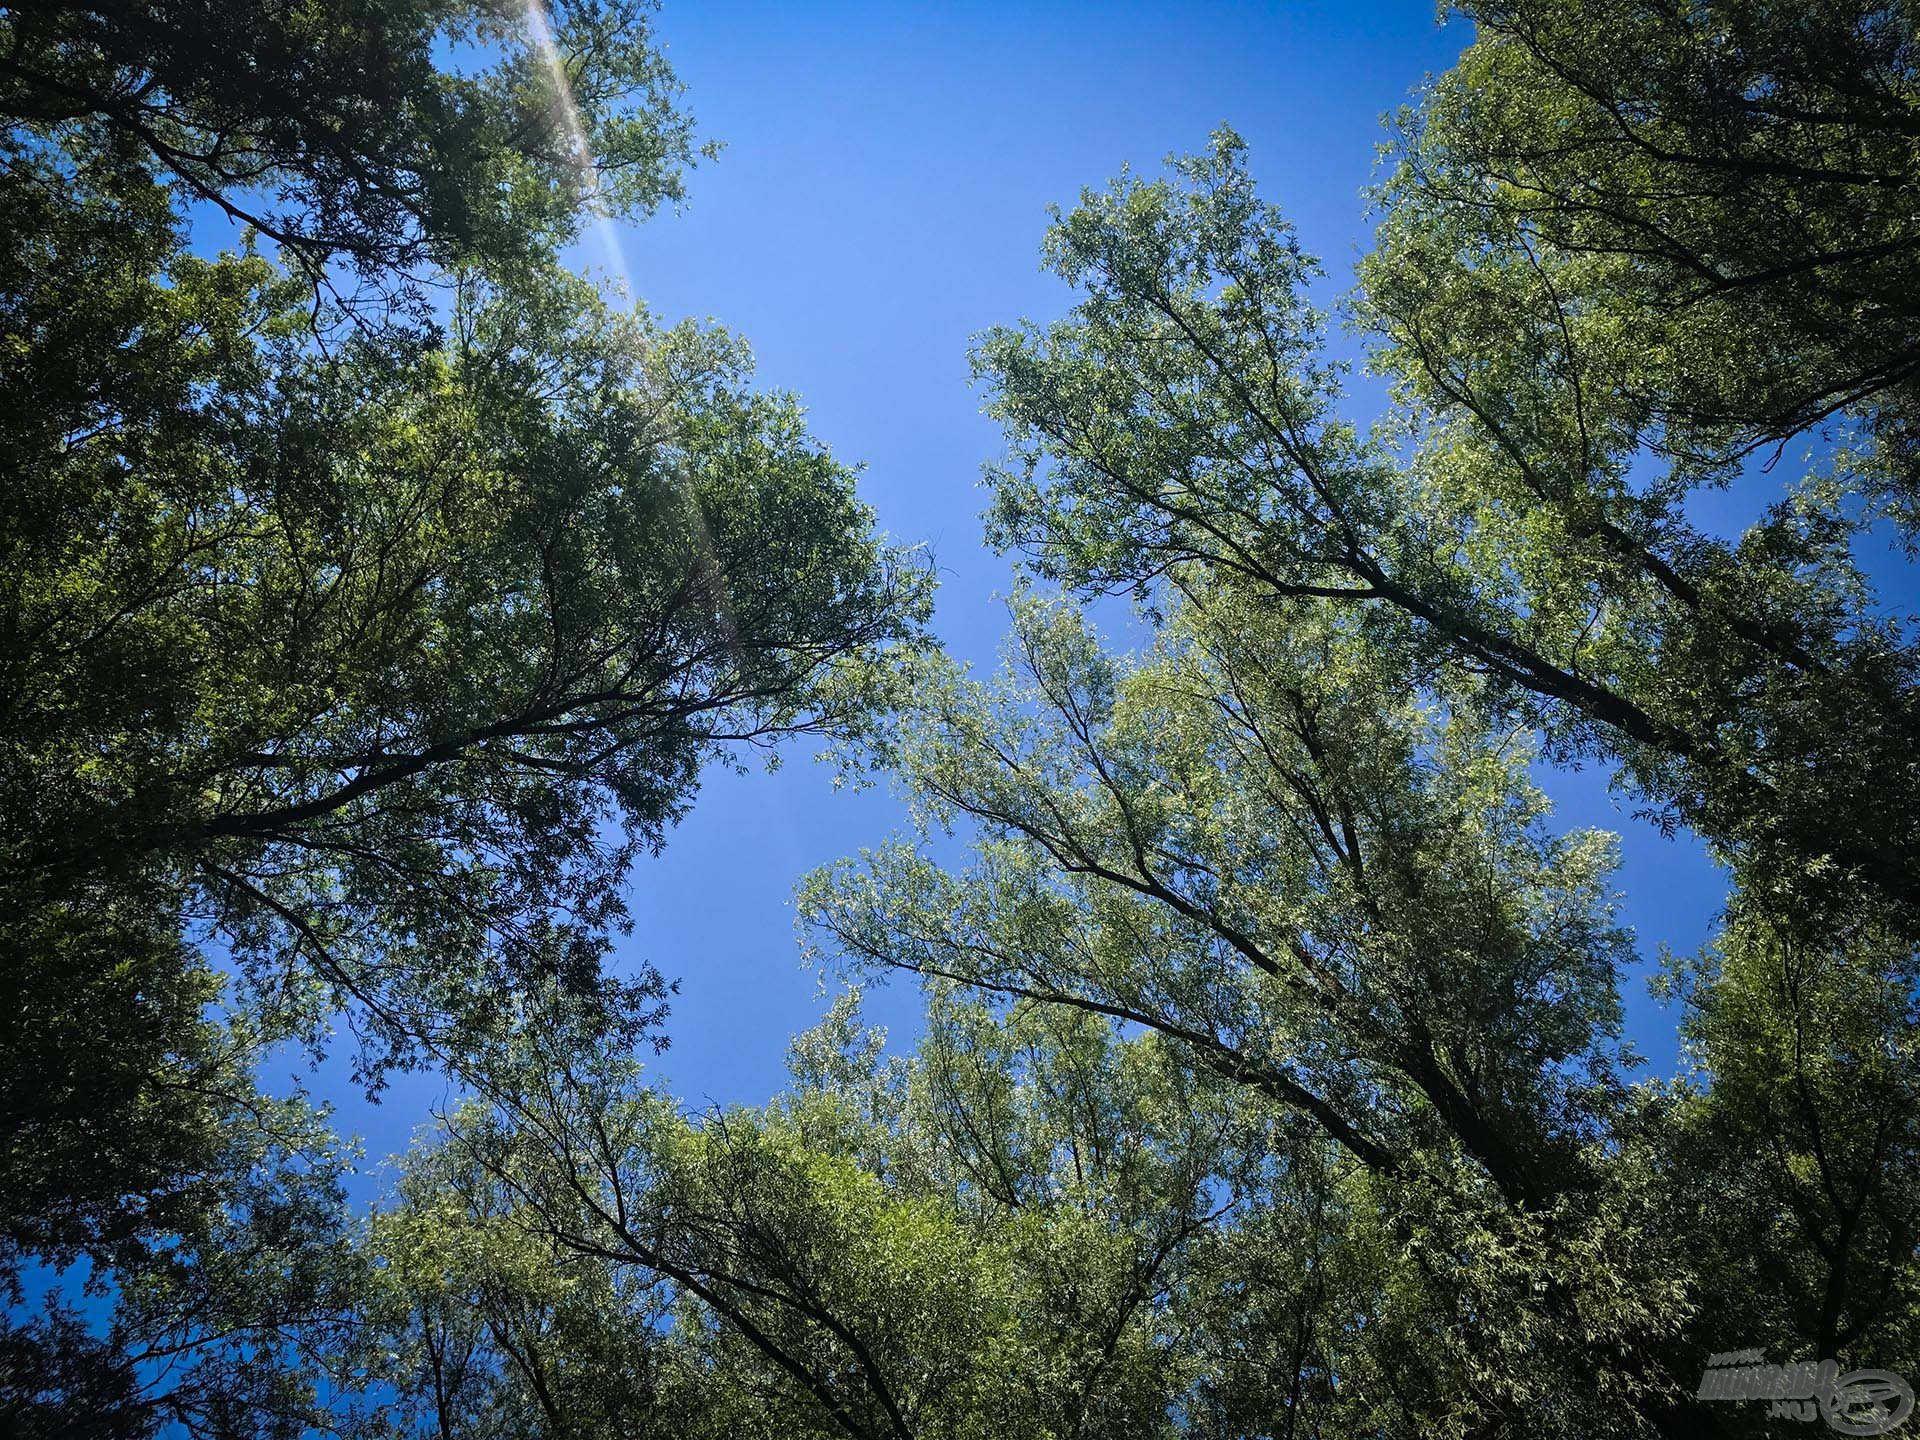 Szokatlan a szemnek a nyugodt fák, illetve a felhőmentes égbolt látványa